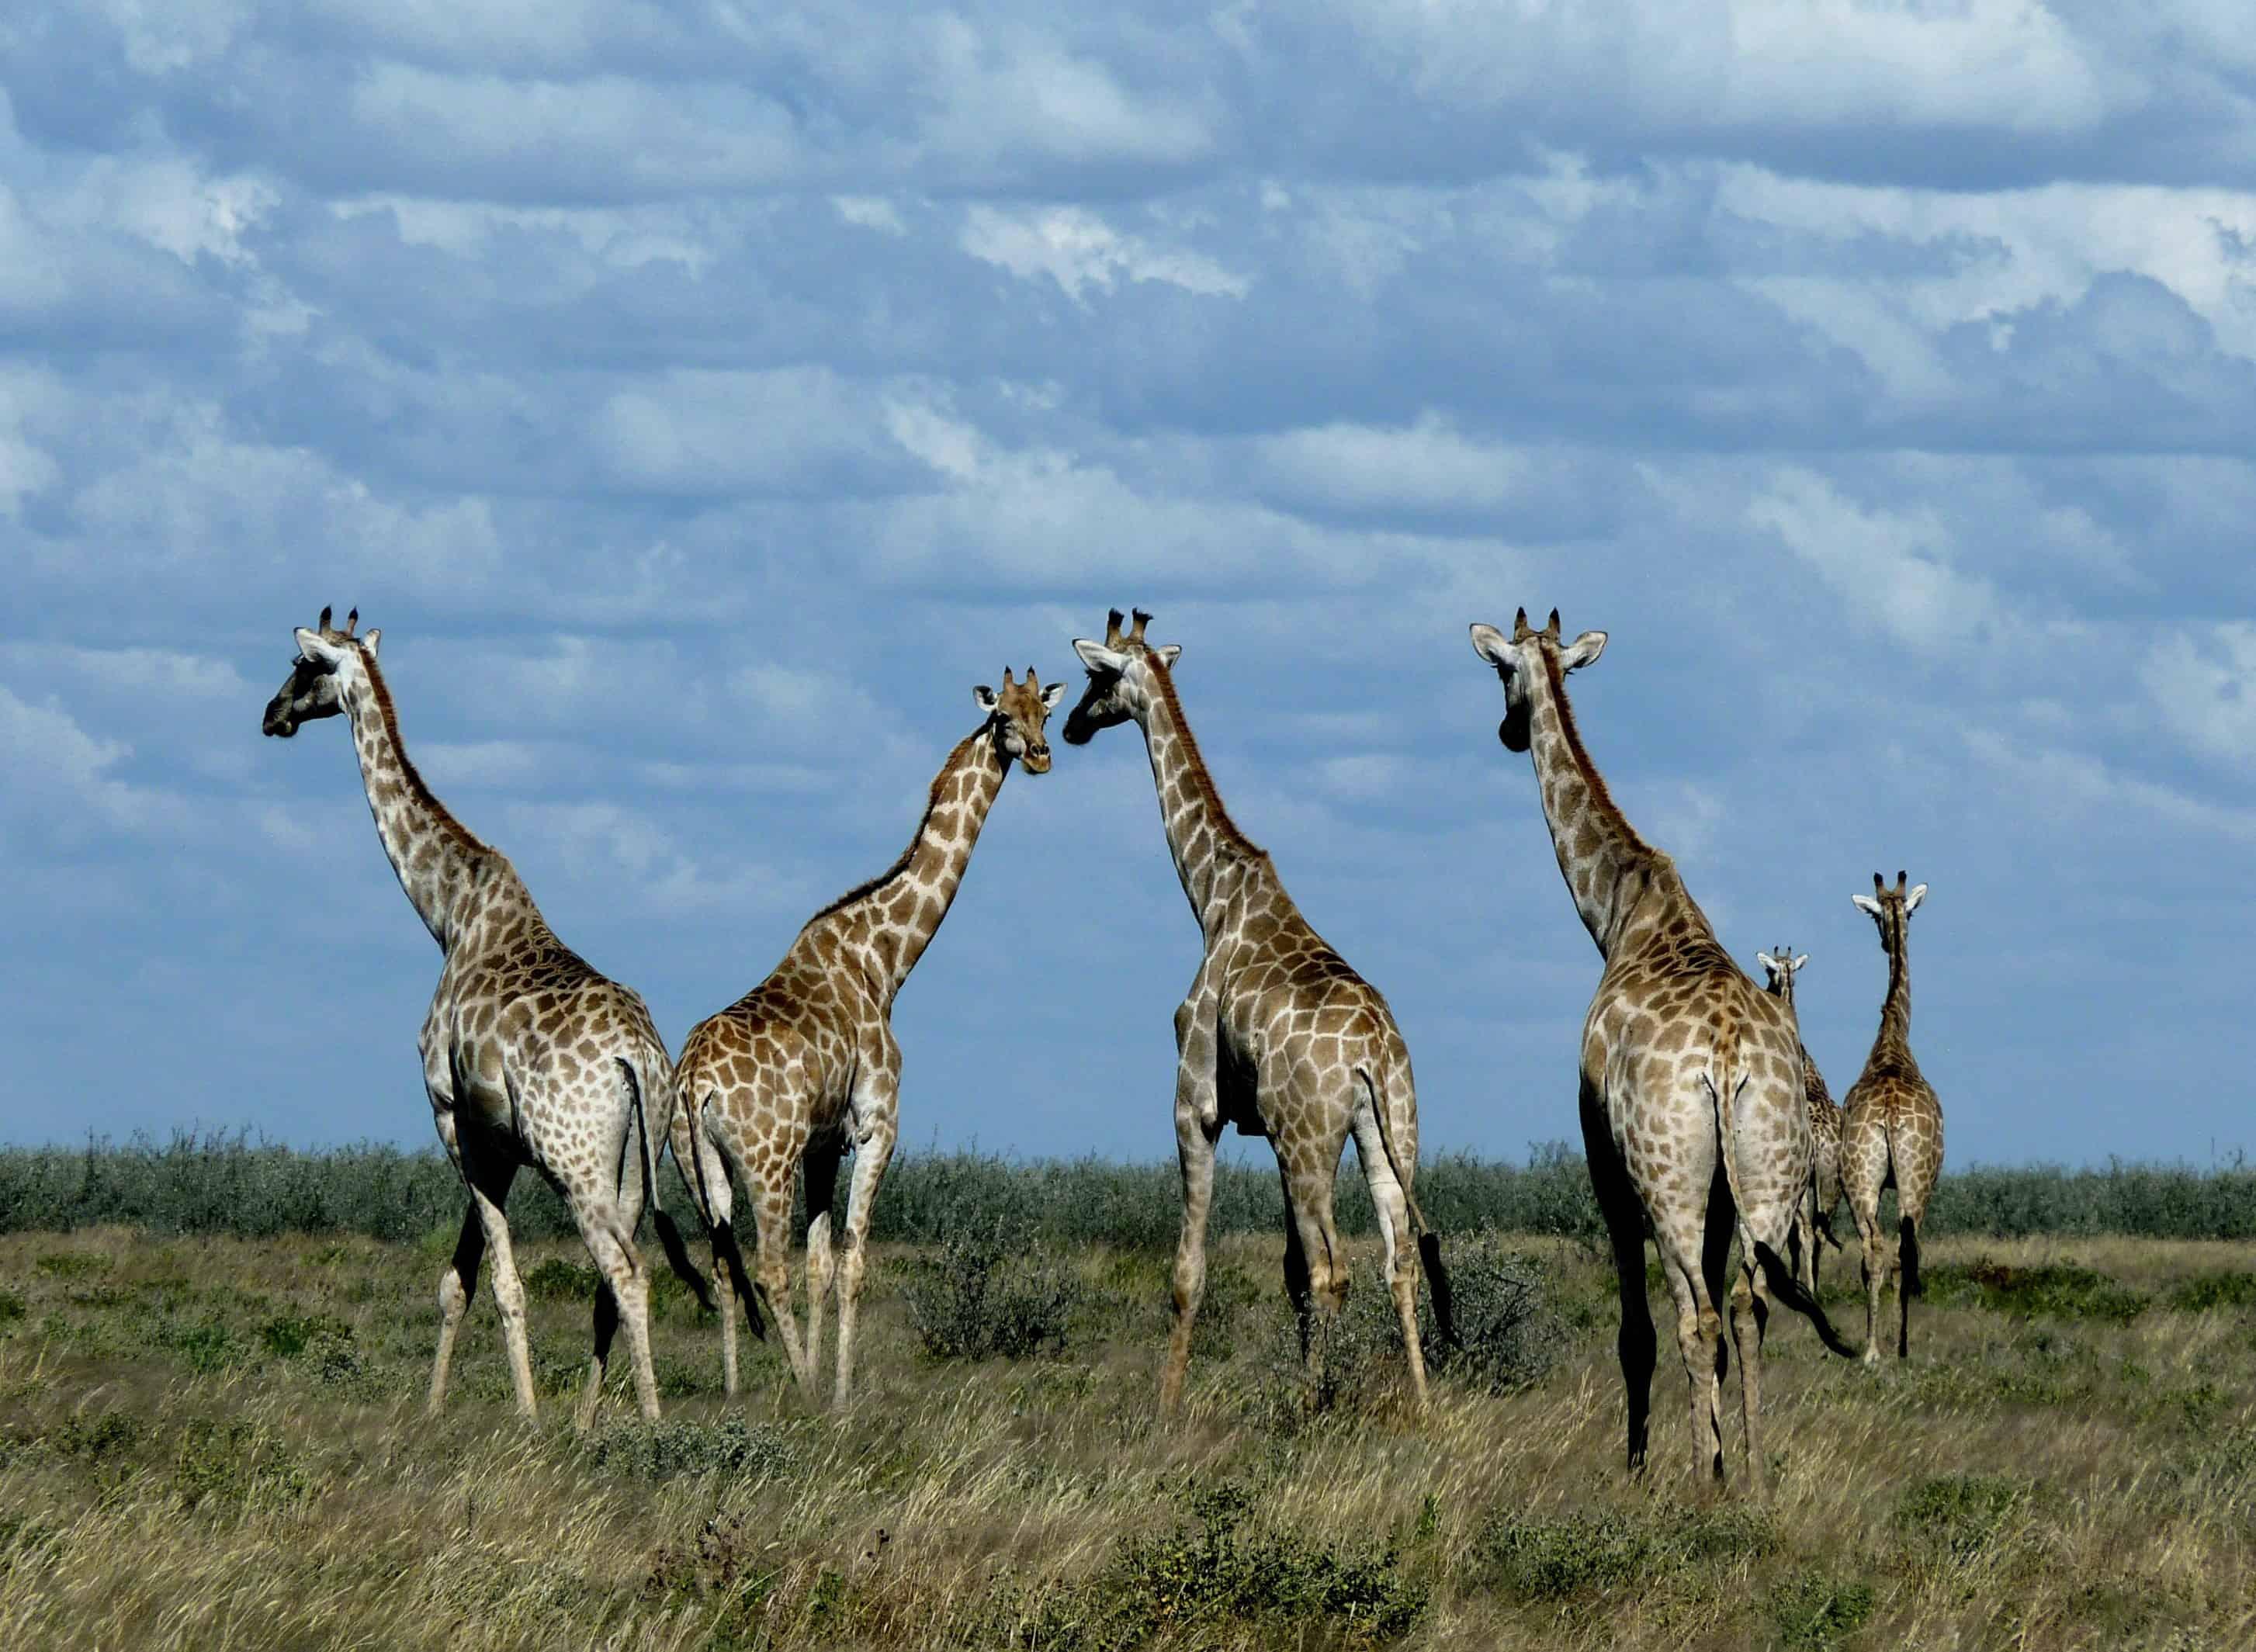 Etosha National Park - Giraffes